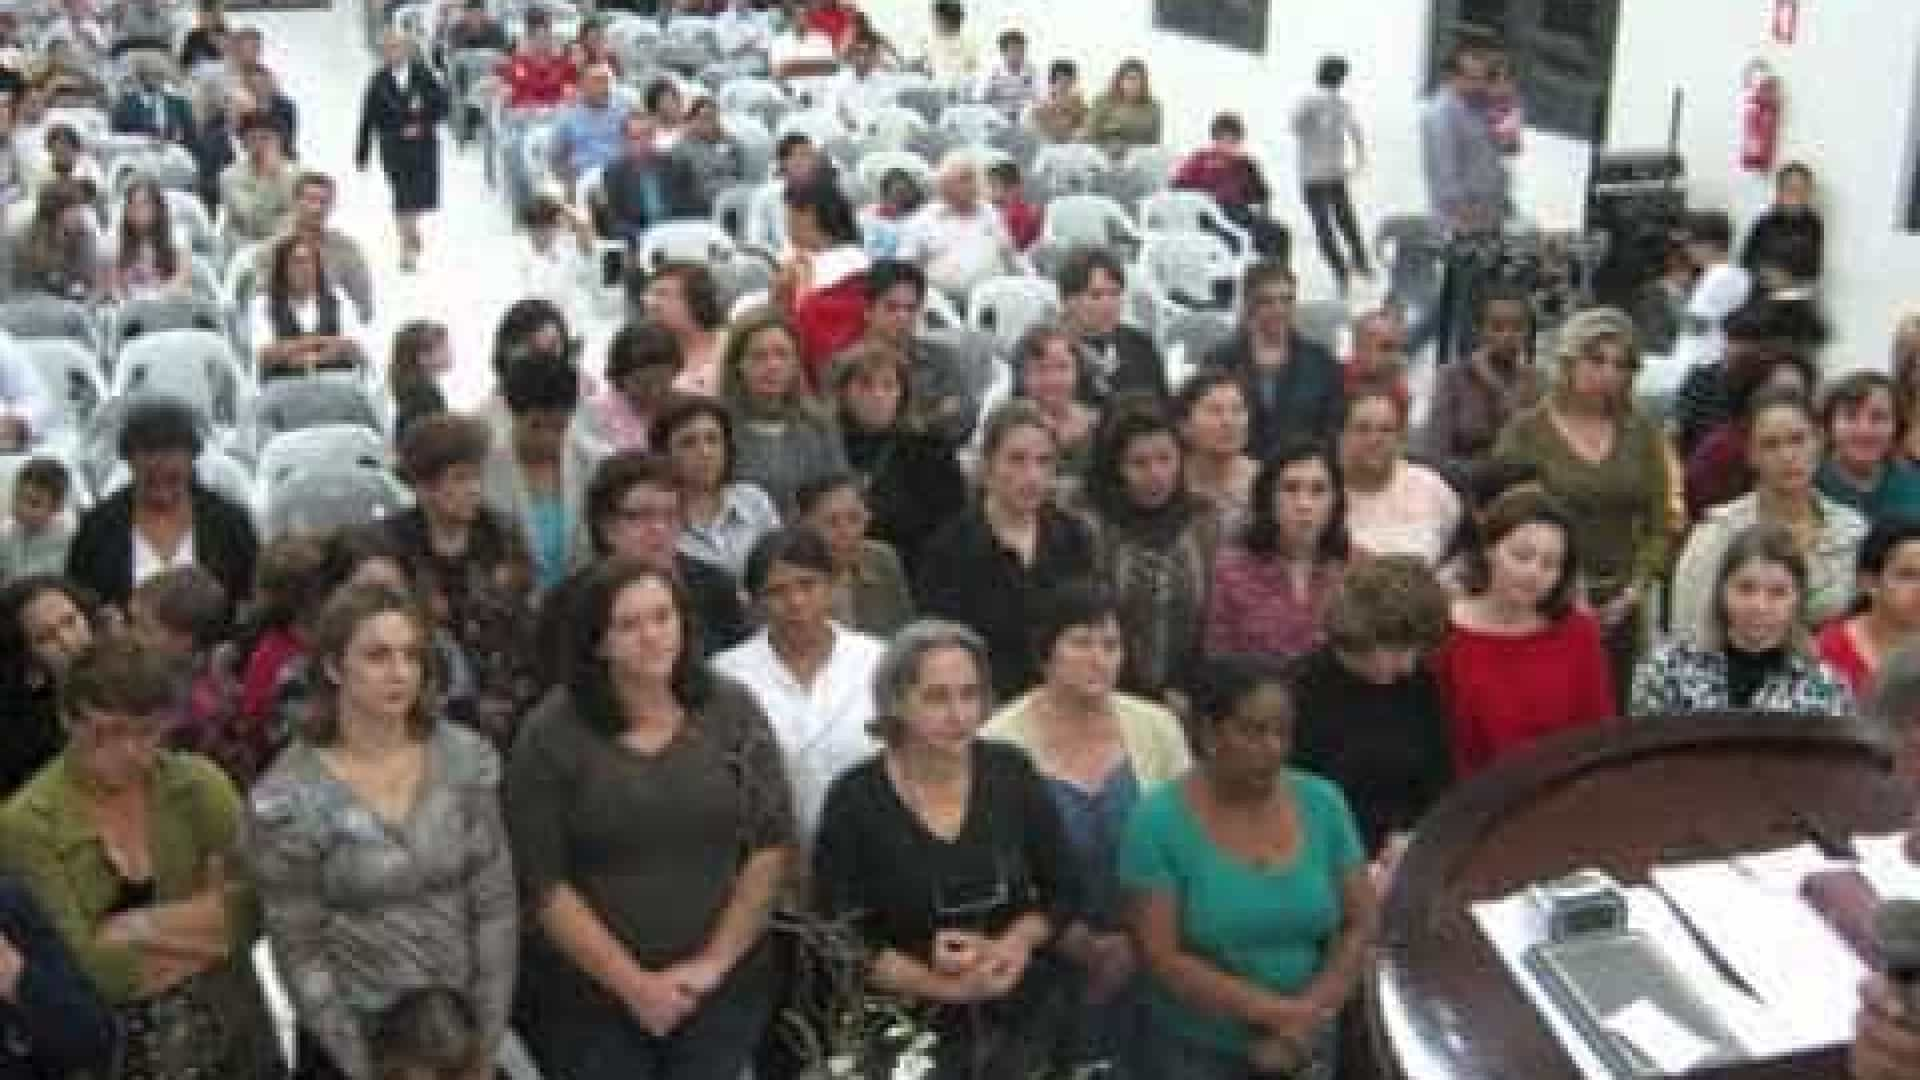 Mulher morre após levar choque em culto evangélico em SP